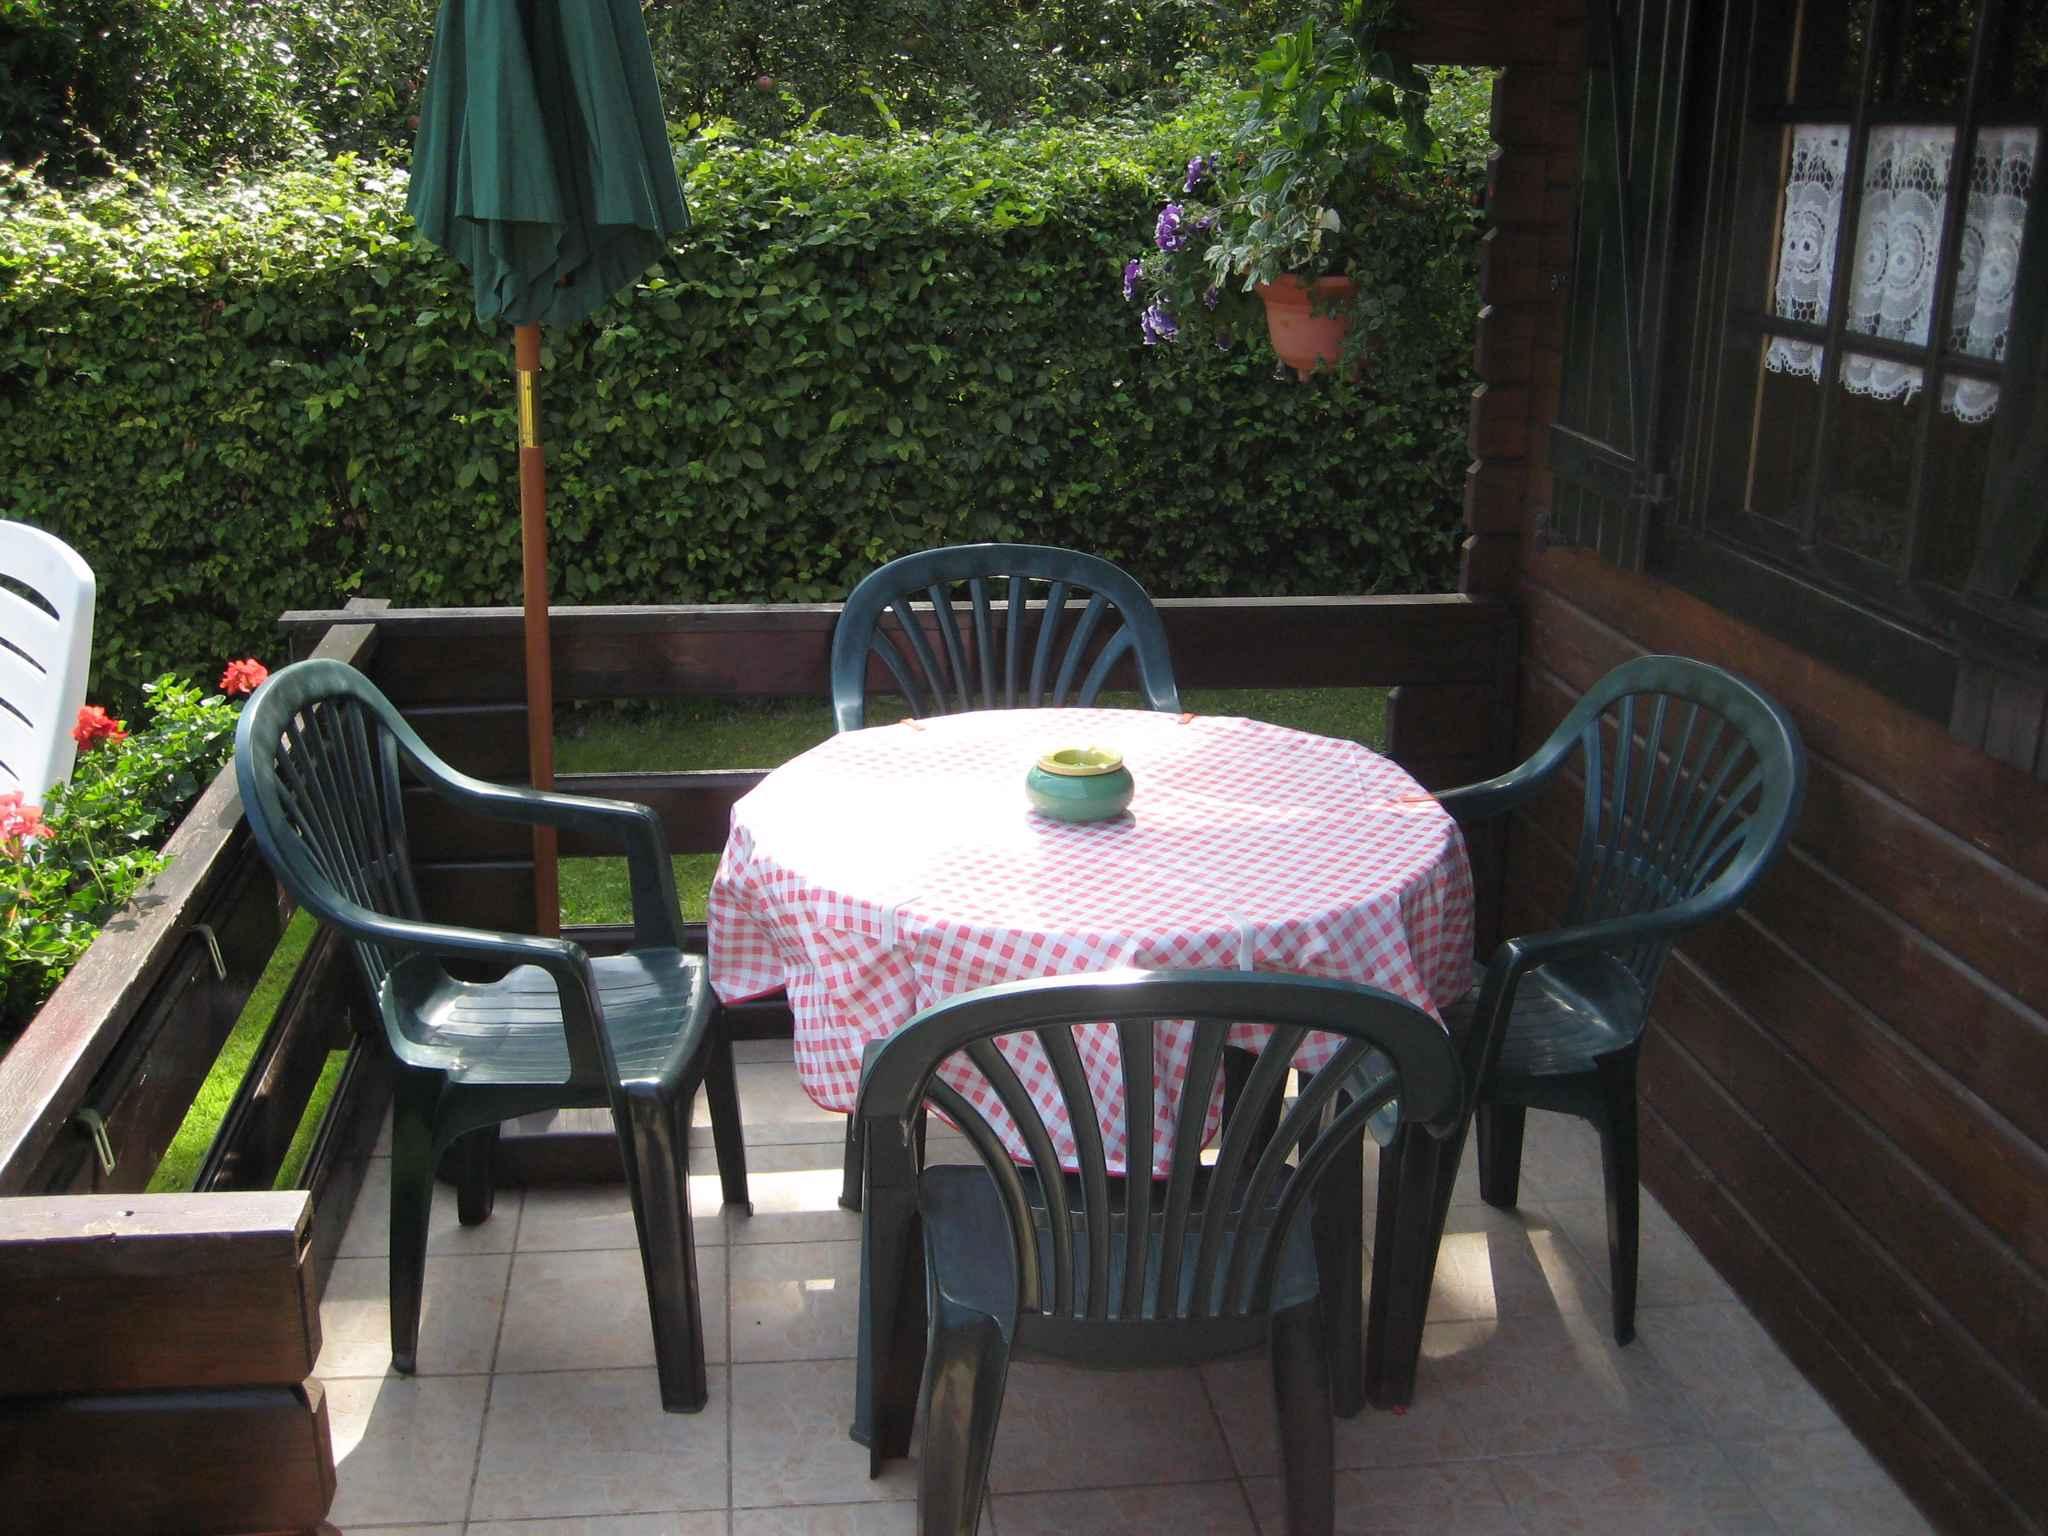 Ferienhaus Hütte mit Terrasse und Garten (317258), Putbus, Rügen, Mecklenburg-Vorpommern, Deutschland, Bild 9